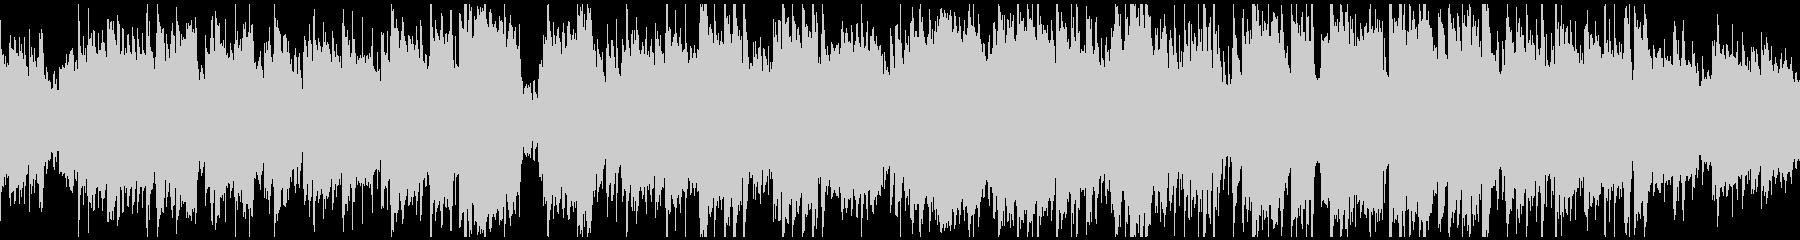 ほのぼの和洋折衷な日常BGM ※ループ版の未再生の波形